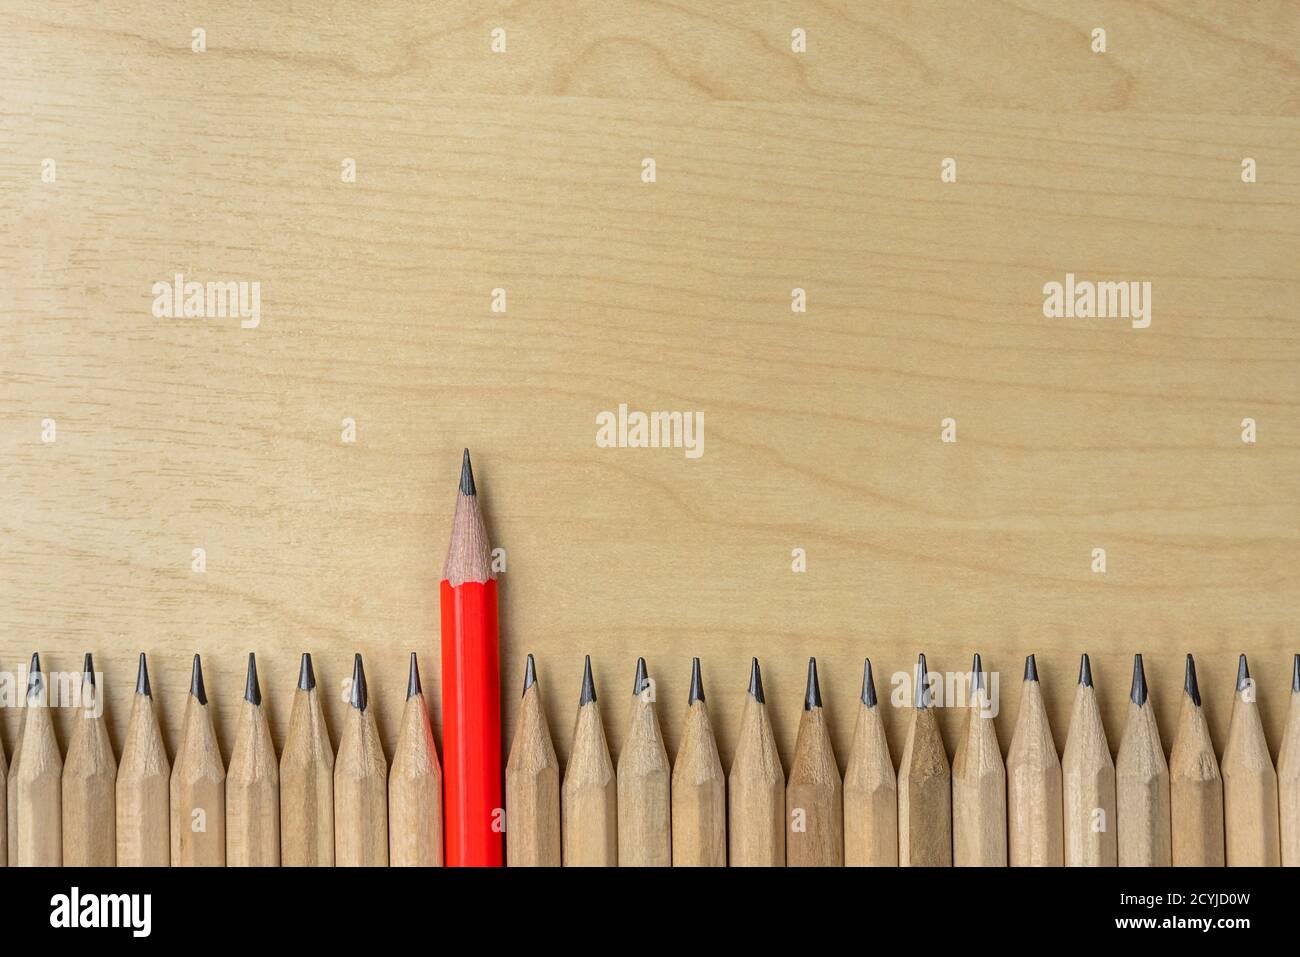 Diverso della sporgenza della matita da altri mostrando concetto di business unici di pensare diversi dalla folla e uno speciale con abilità di leadership. Foto Stock